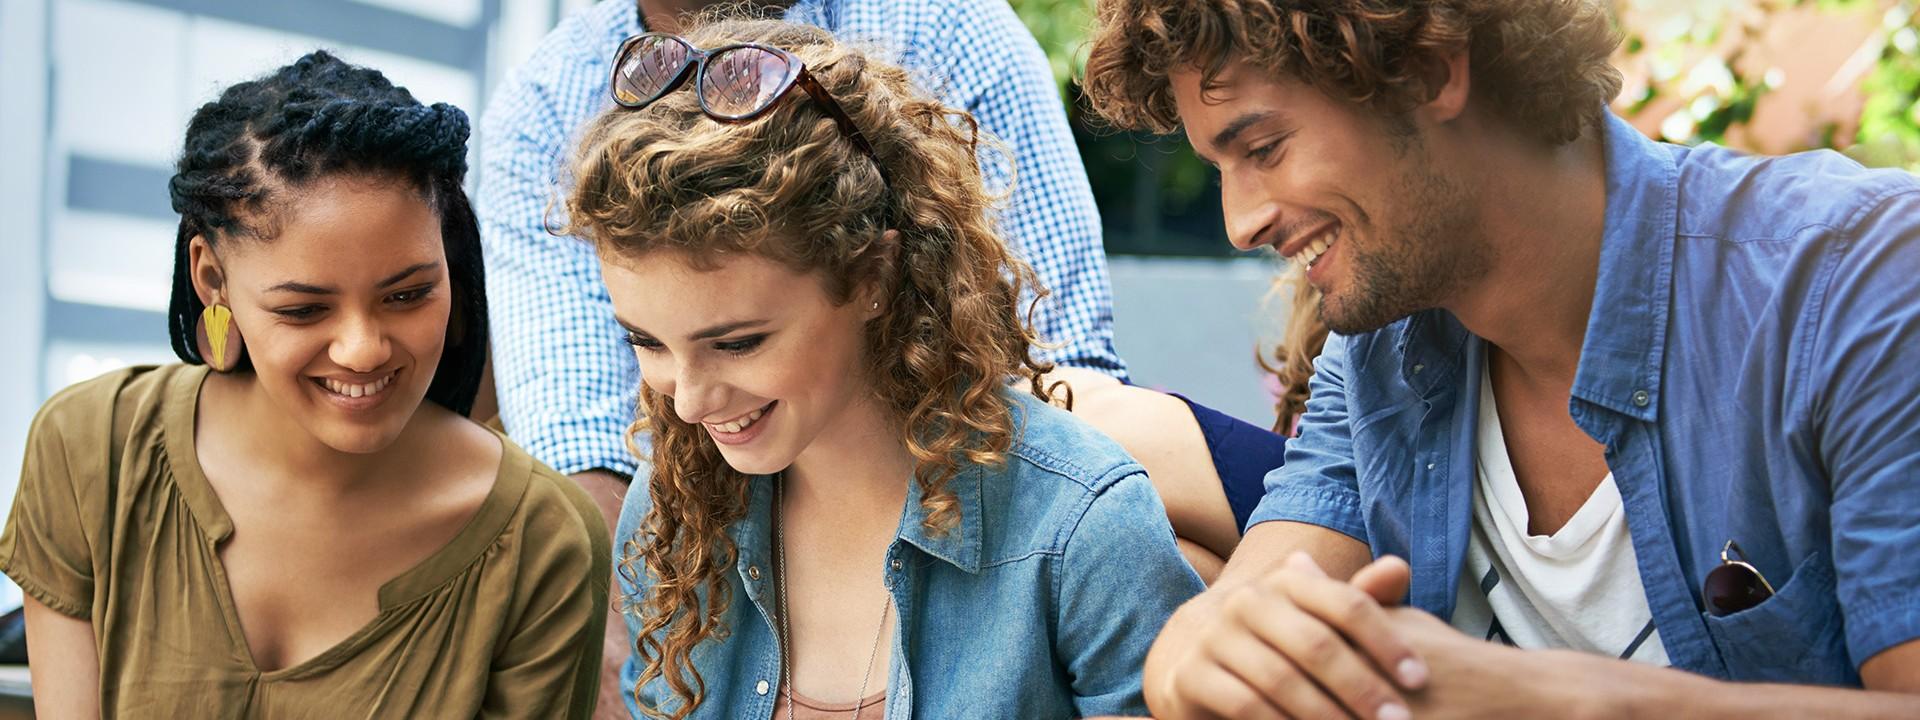 Studenten und Studentinnen sitzen nebeneinander auf einer Treppe und schauen auf einen Laptop.